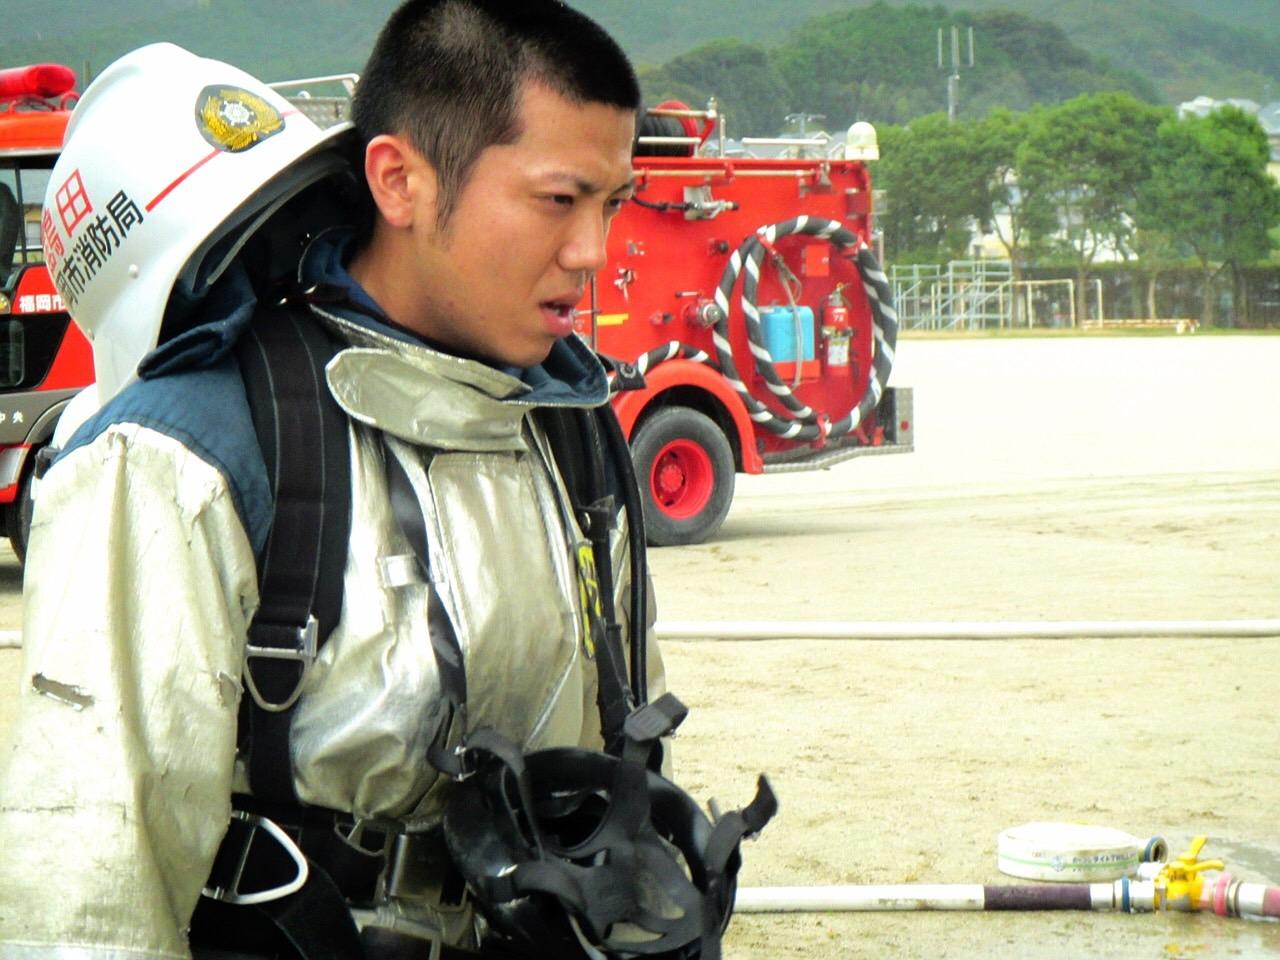 消防士からエンジニアに転職して1年が経った